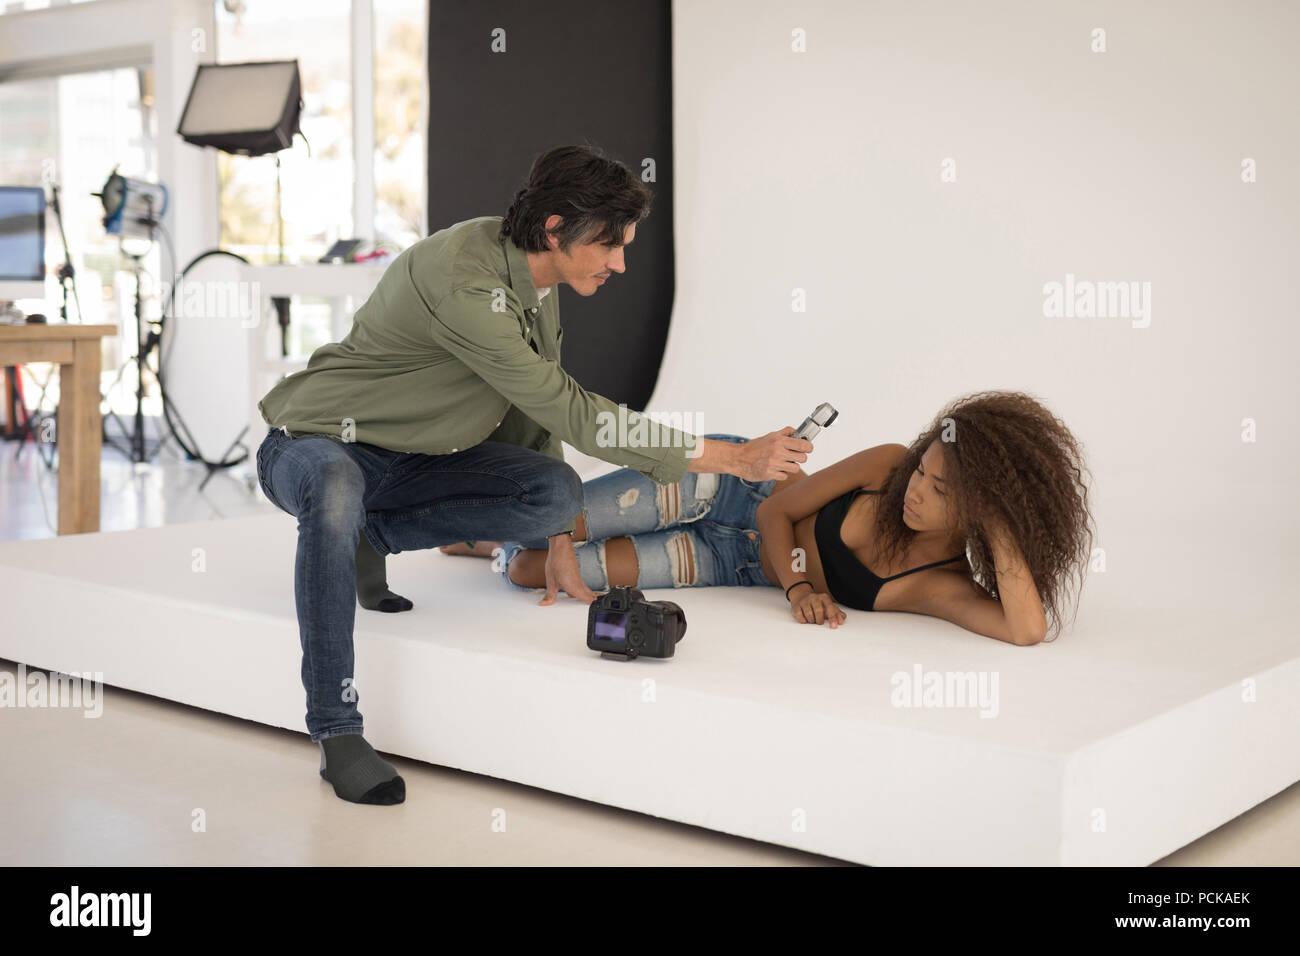 La mesure de lumière avec photographe luxmètre sur modèle féminin Photo Stock